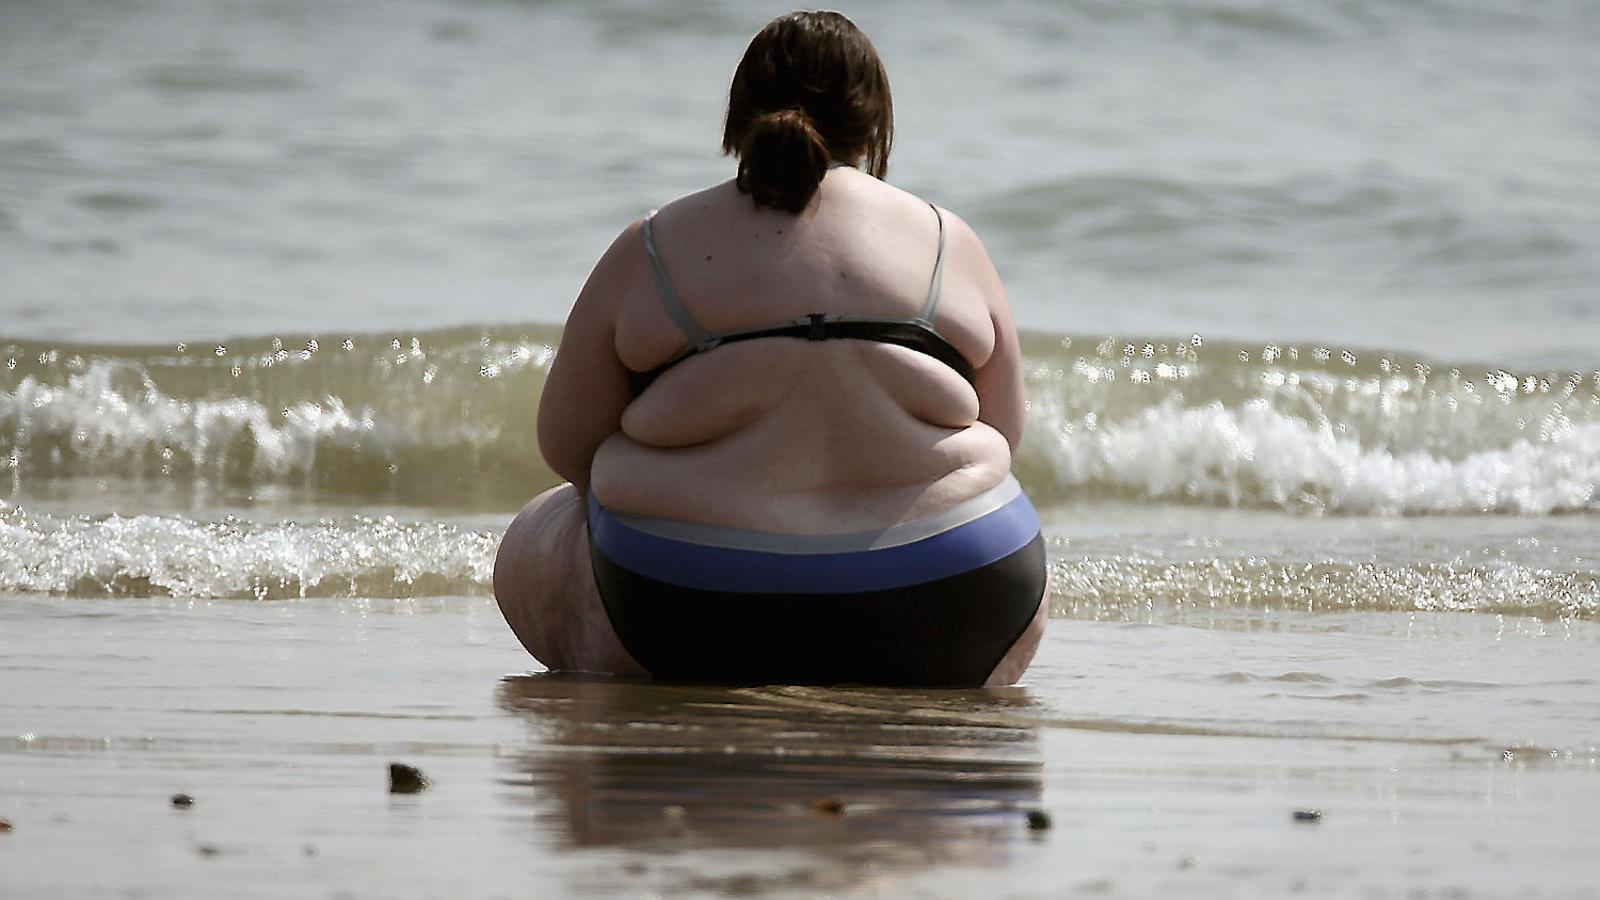 Anem cap a una societat d'obesos?